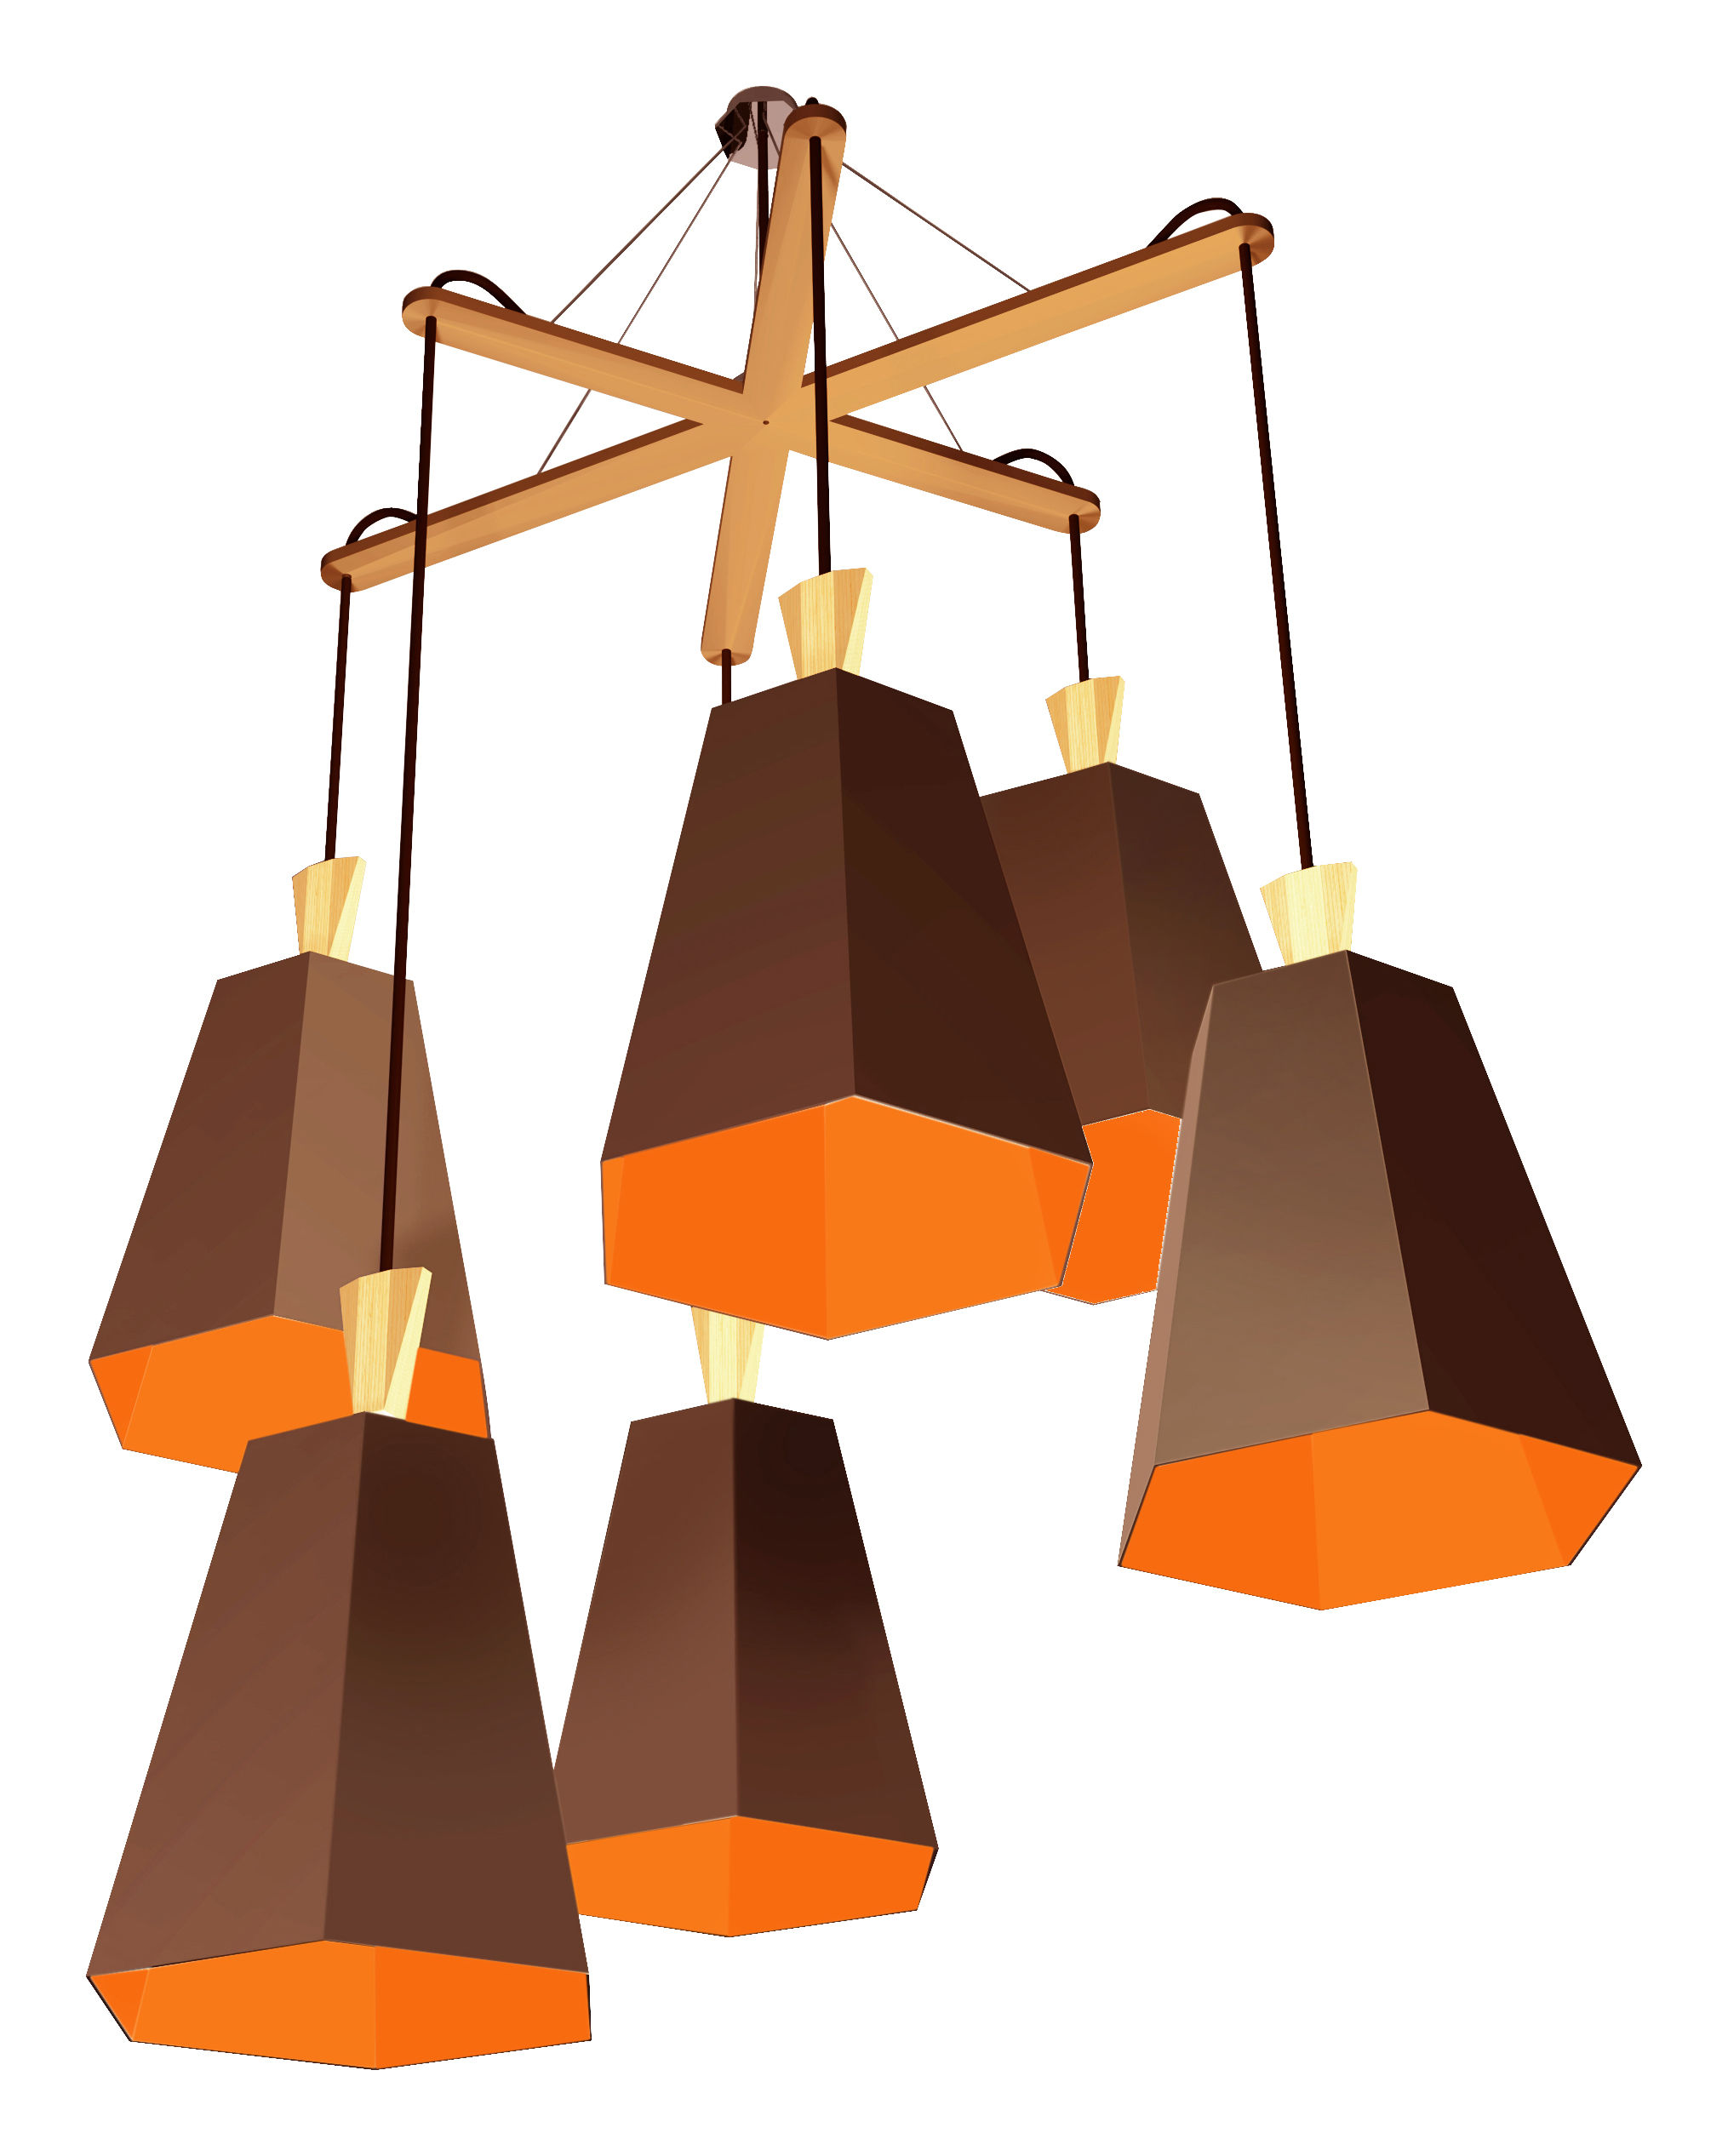 Leuchten - Pendelleuchten - LuXiole Pendelleuchte Kronleuchter / asymmetrisch - Designheure - Lampenschirm braun / Innenseite Orange - Baumwolle, Buchenfurnier